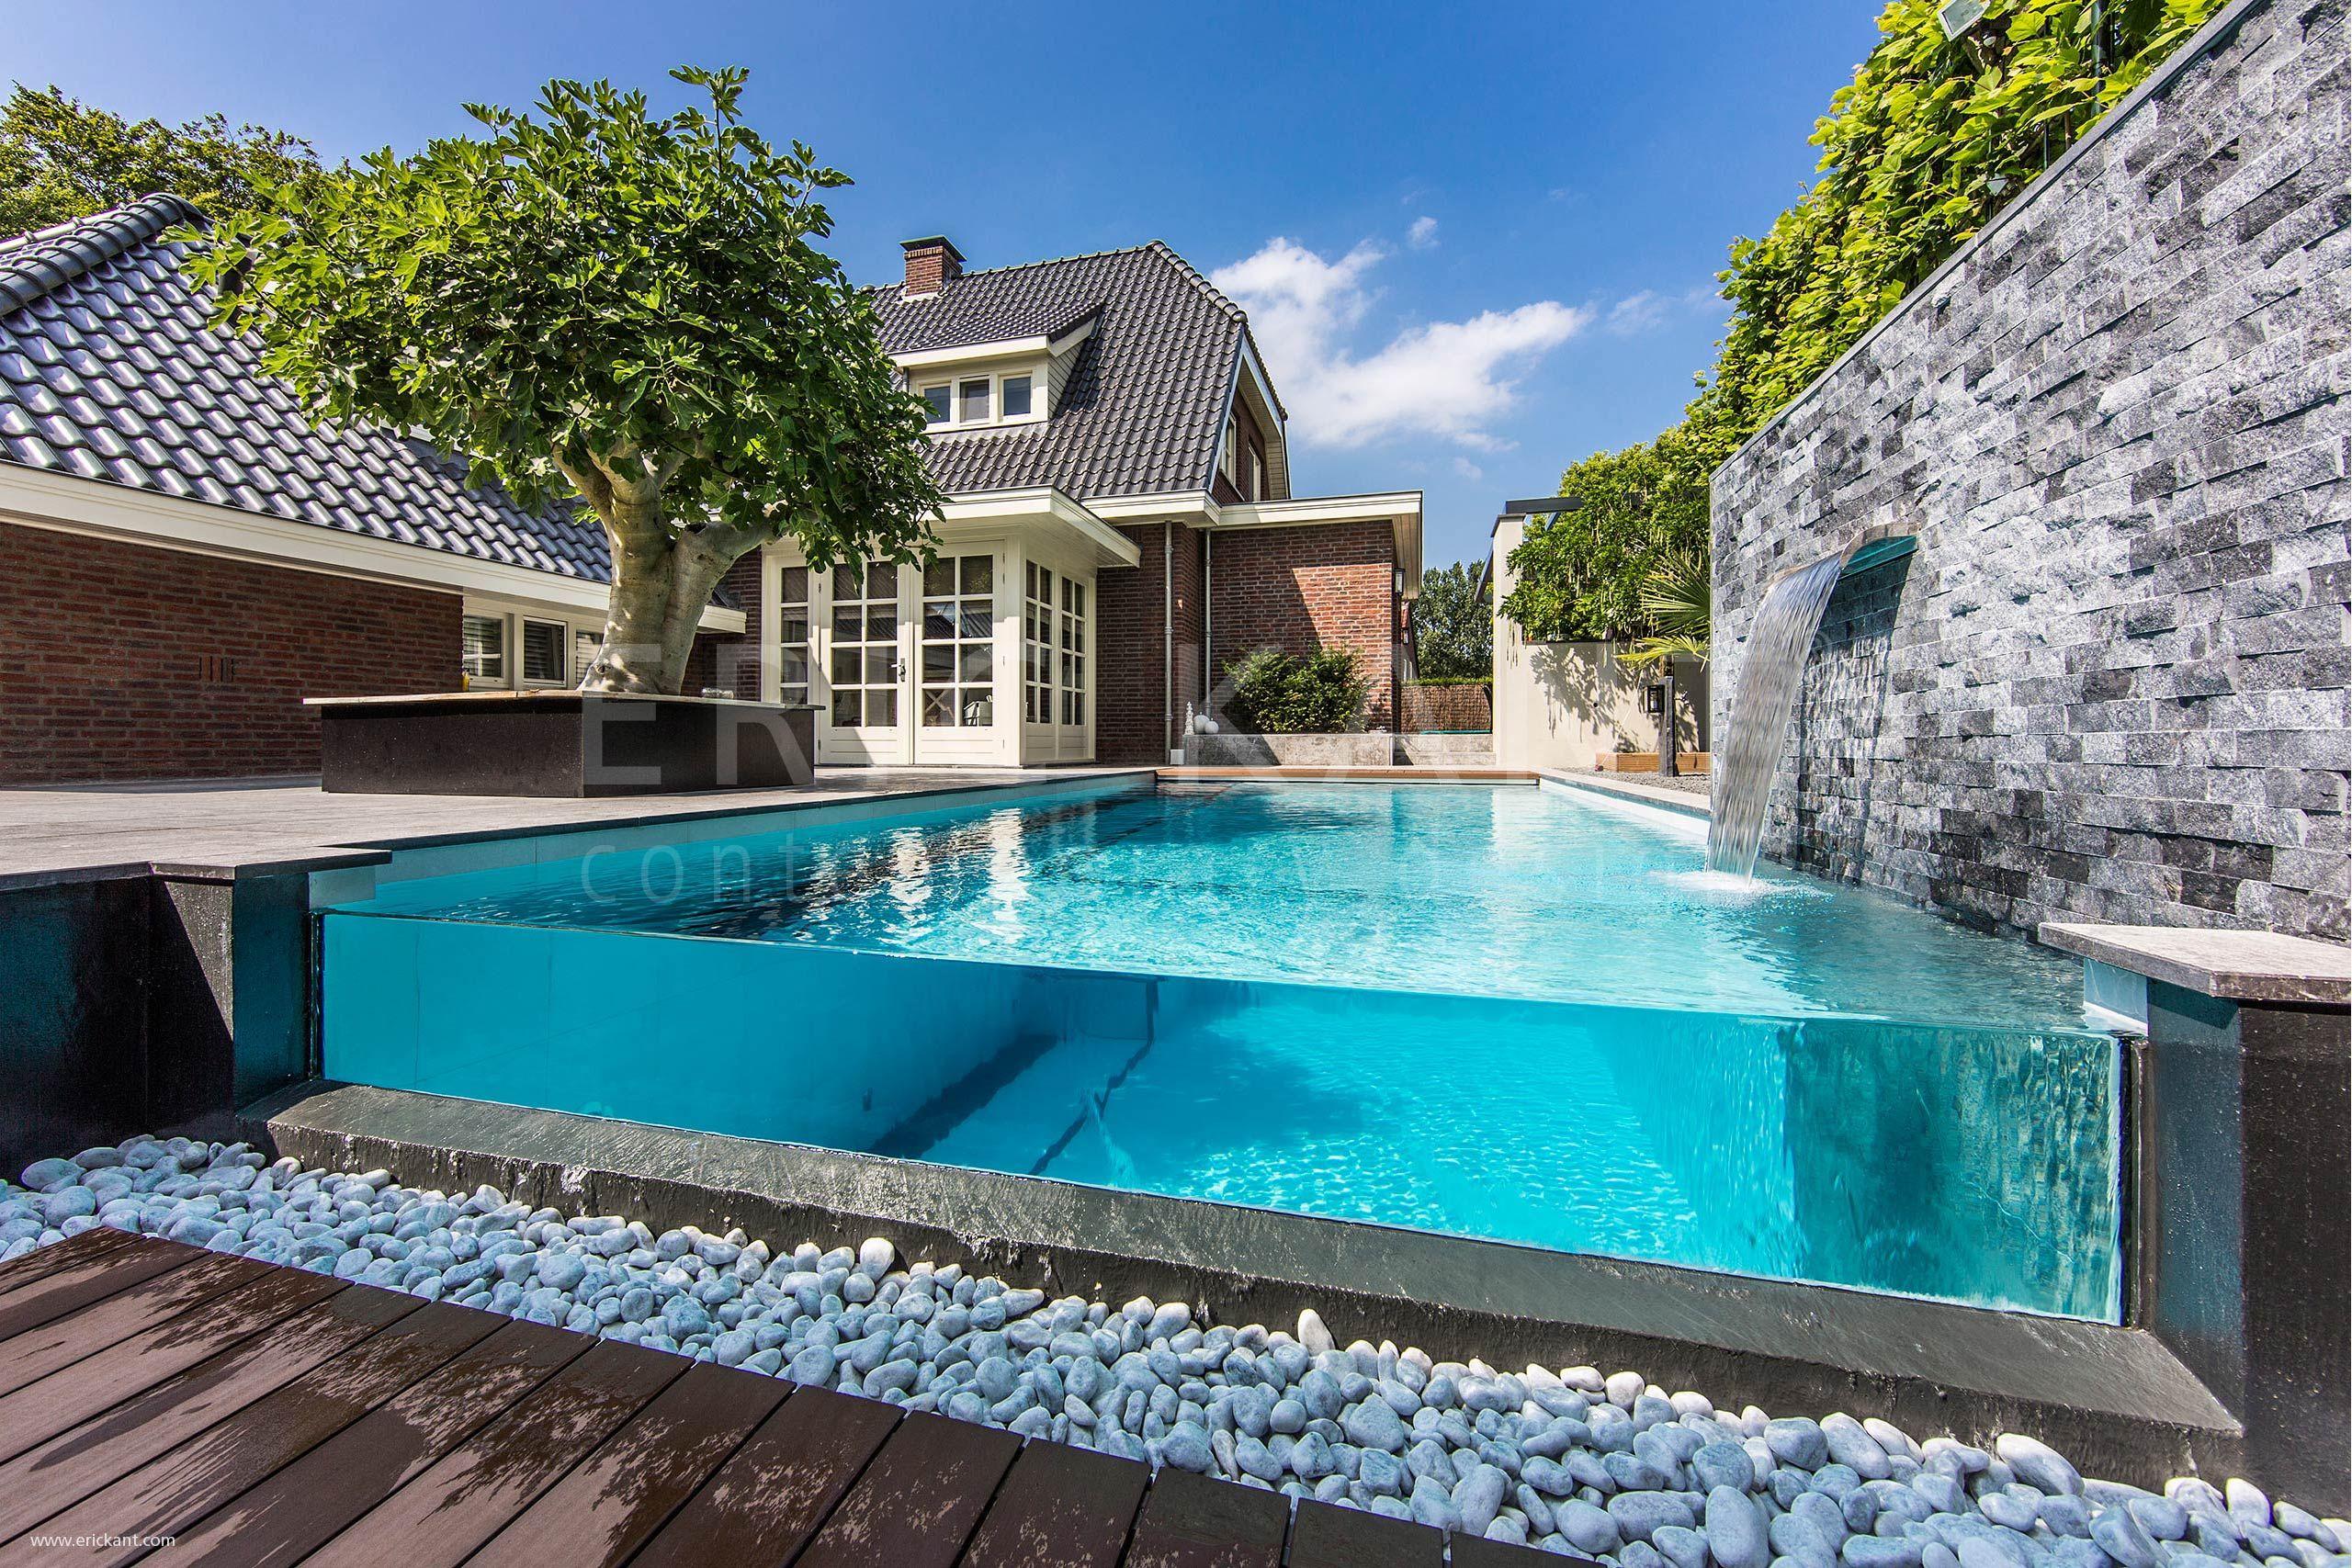 Poolbau Berlin 1 luxe zwembad jpg 2 560 1 707 pixels infinity pools